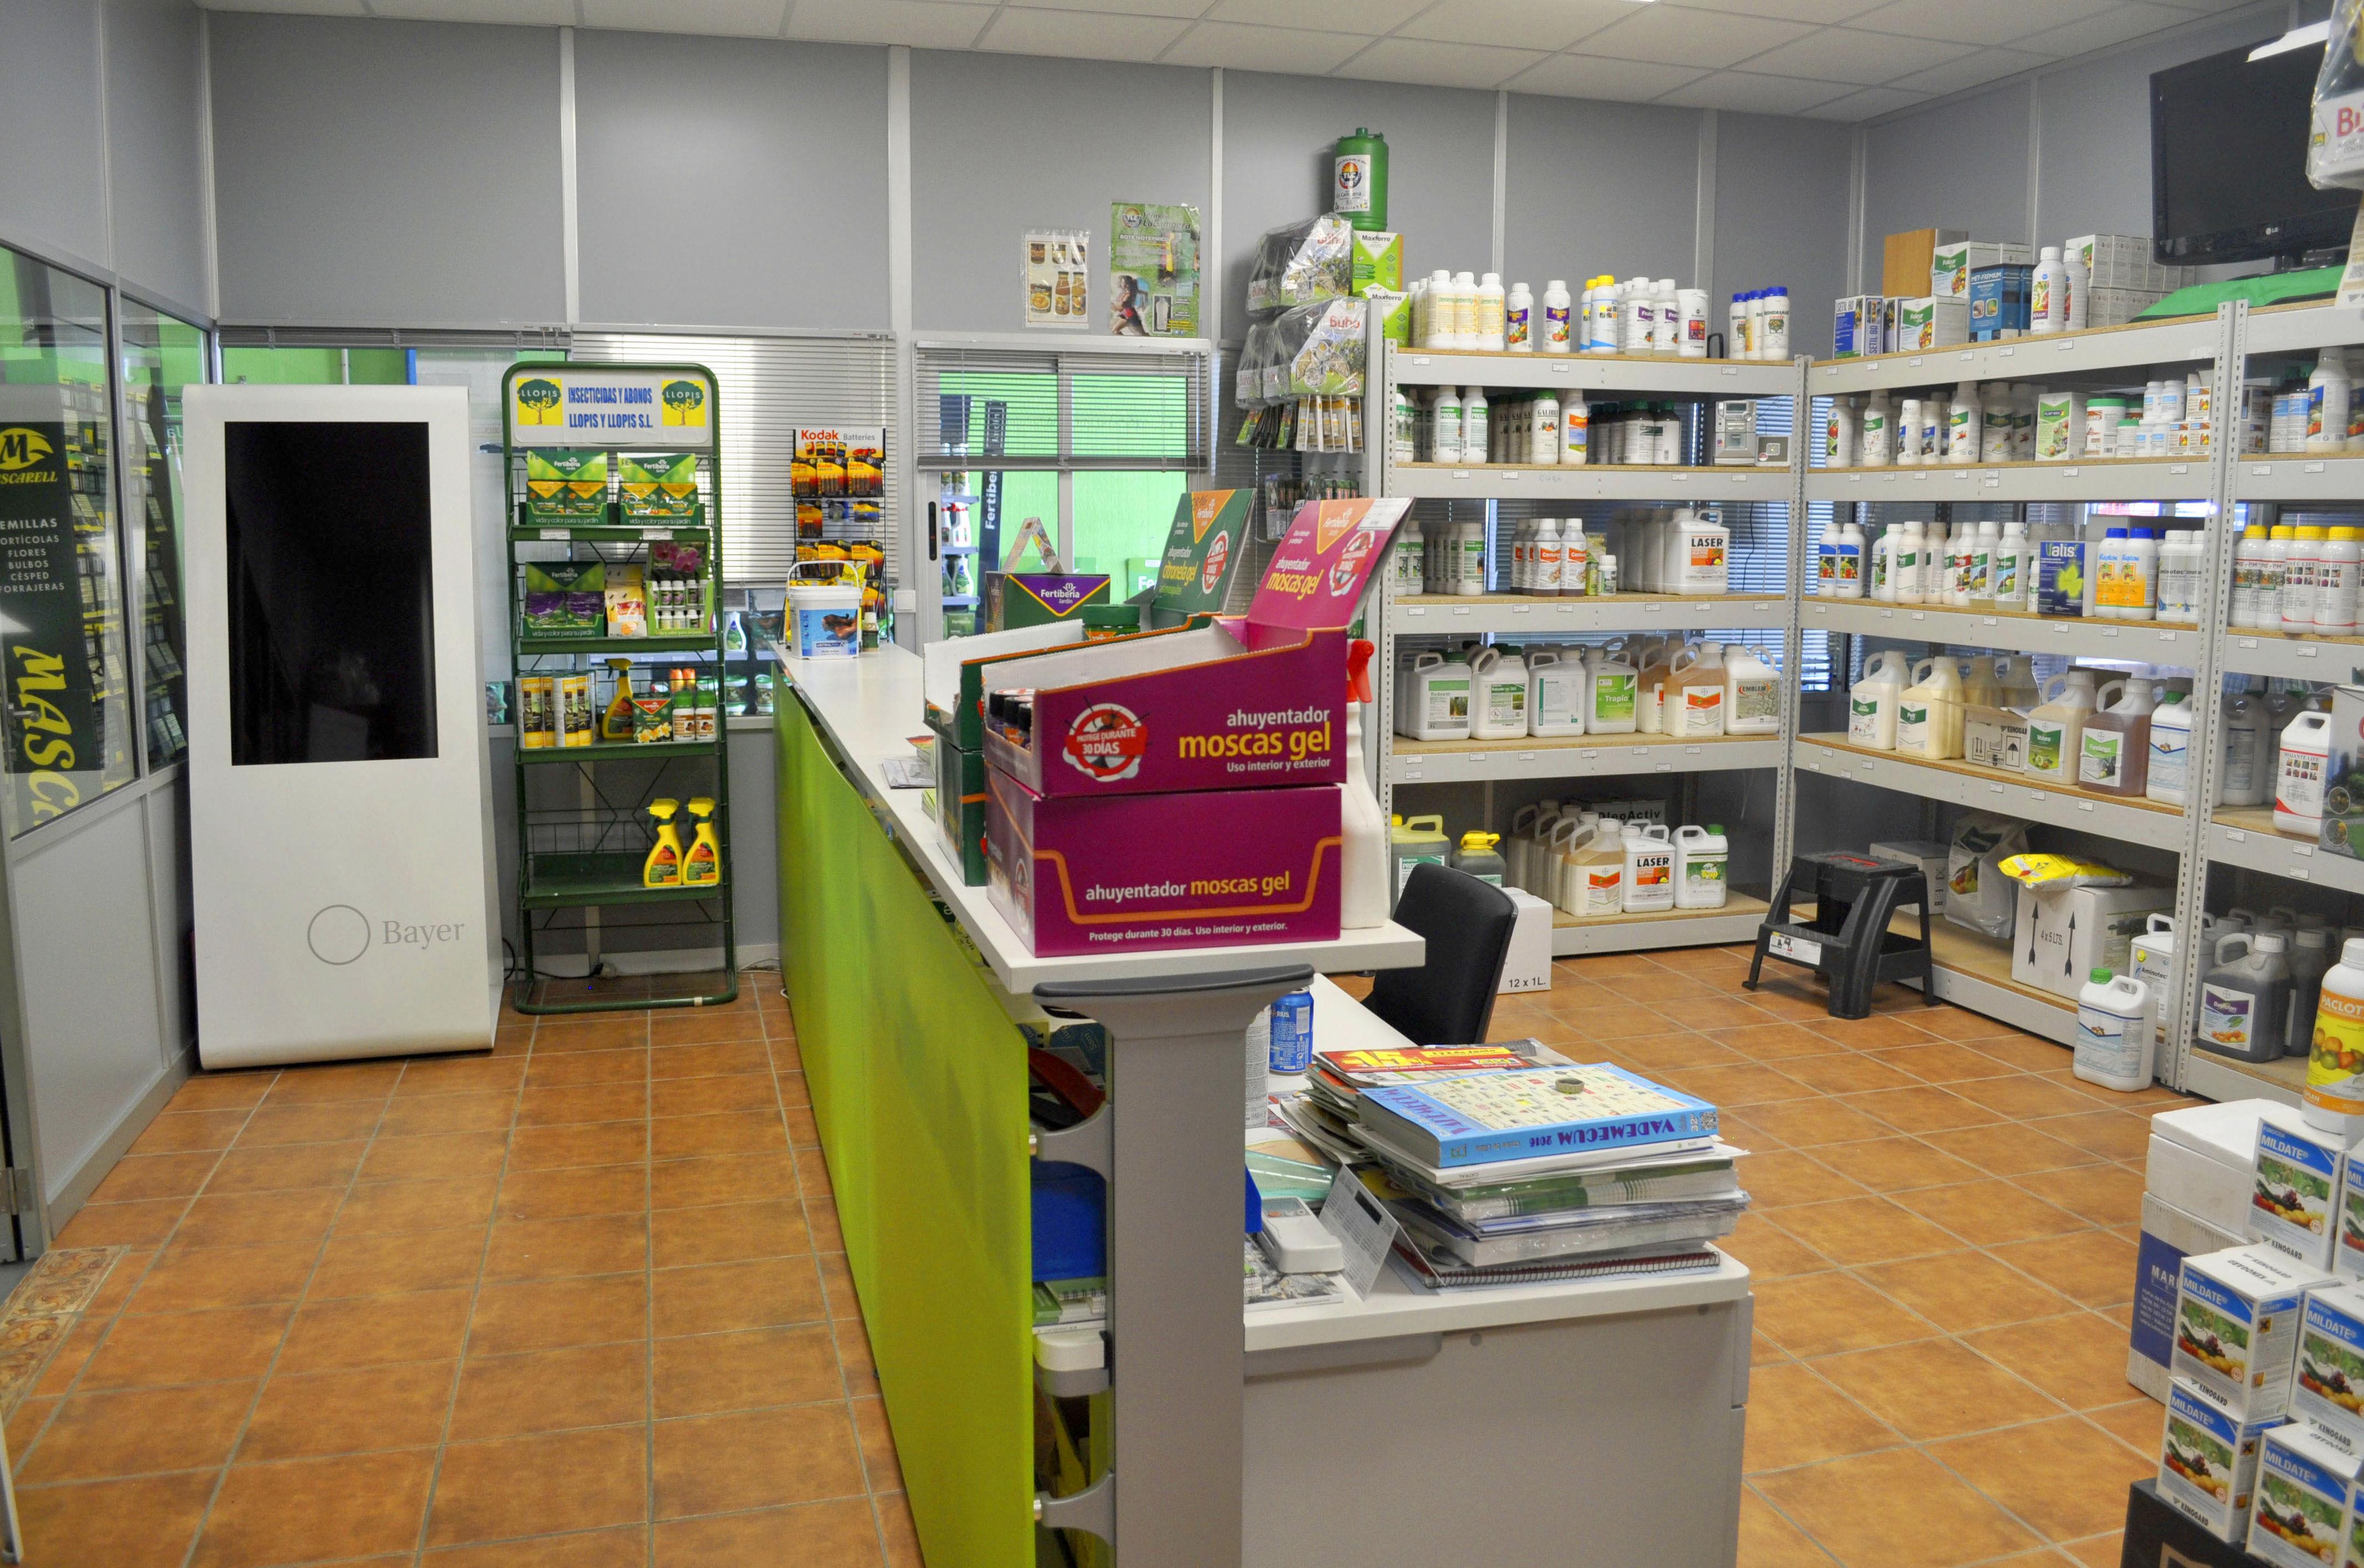 Foto 8 de Insecticidas y abonos en XATIVA | Insecticidas y abonos Llopis y Llopis S.L.